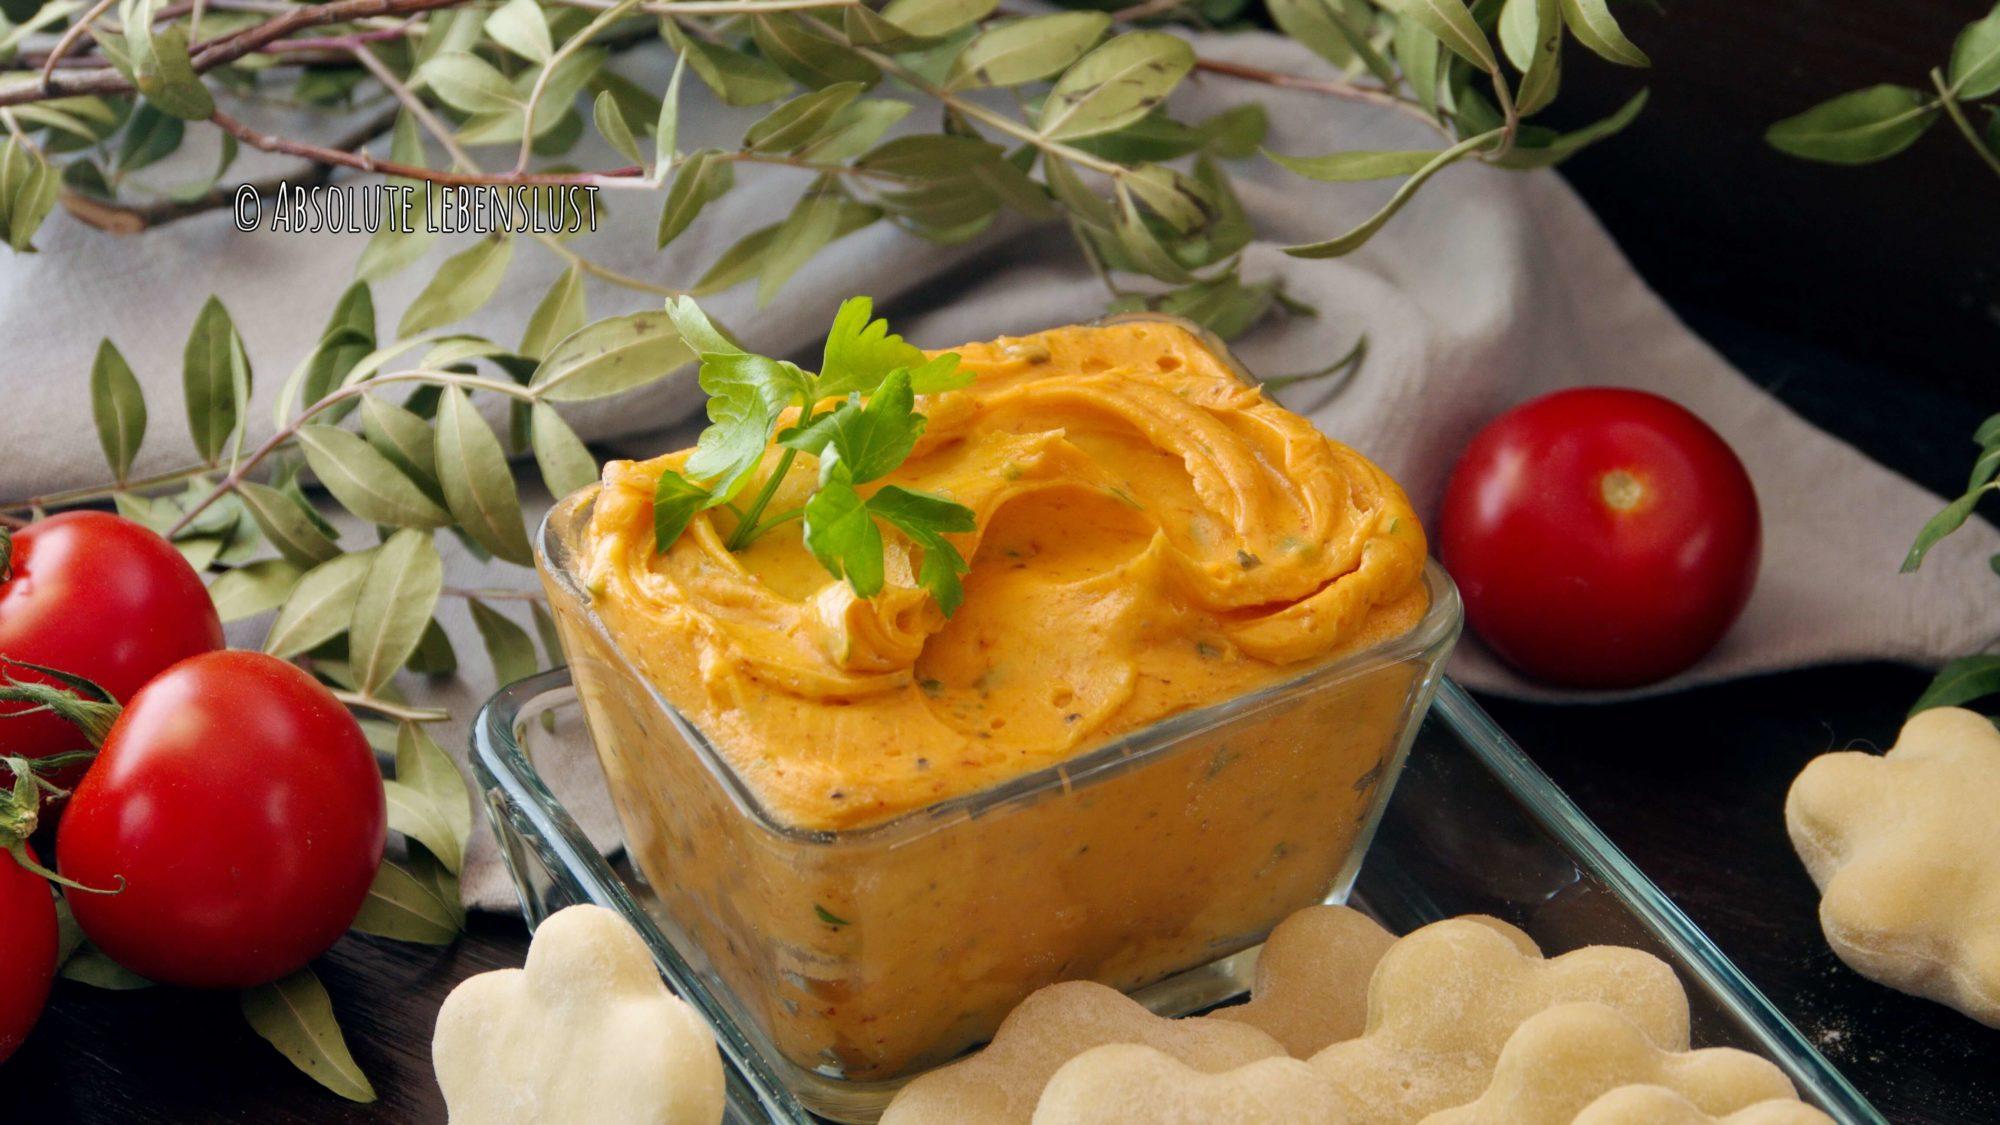 kräuterbutter rezept, kräuterbutter selber machen, tomatenbutter, tomaten kräuterbutter, italienische kräuterbutter, rezept, grillbeilagen